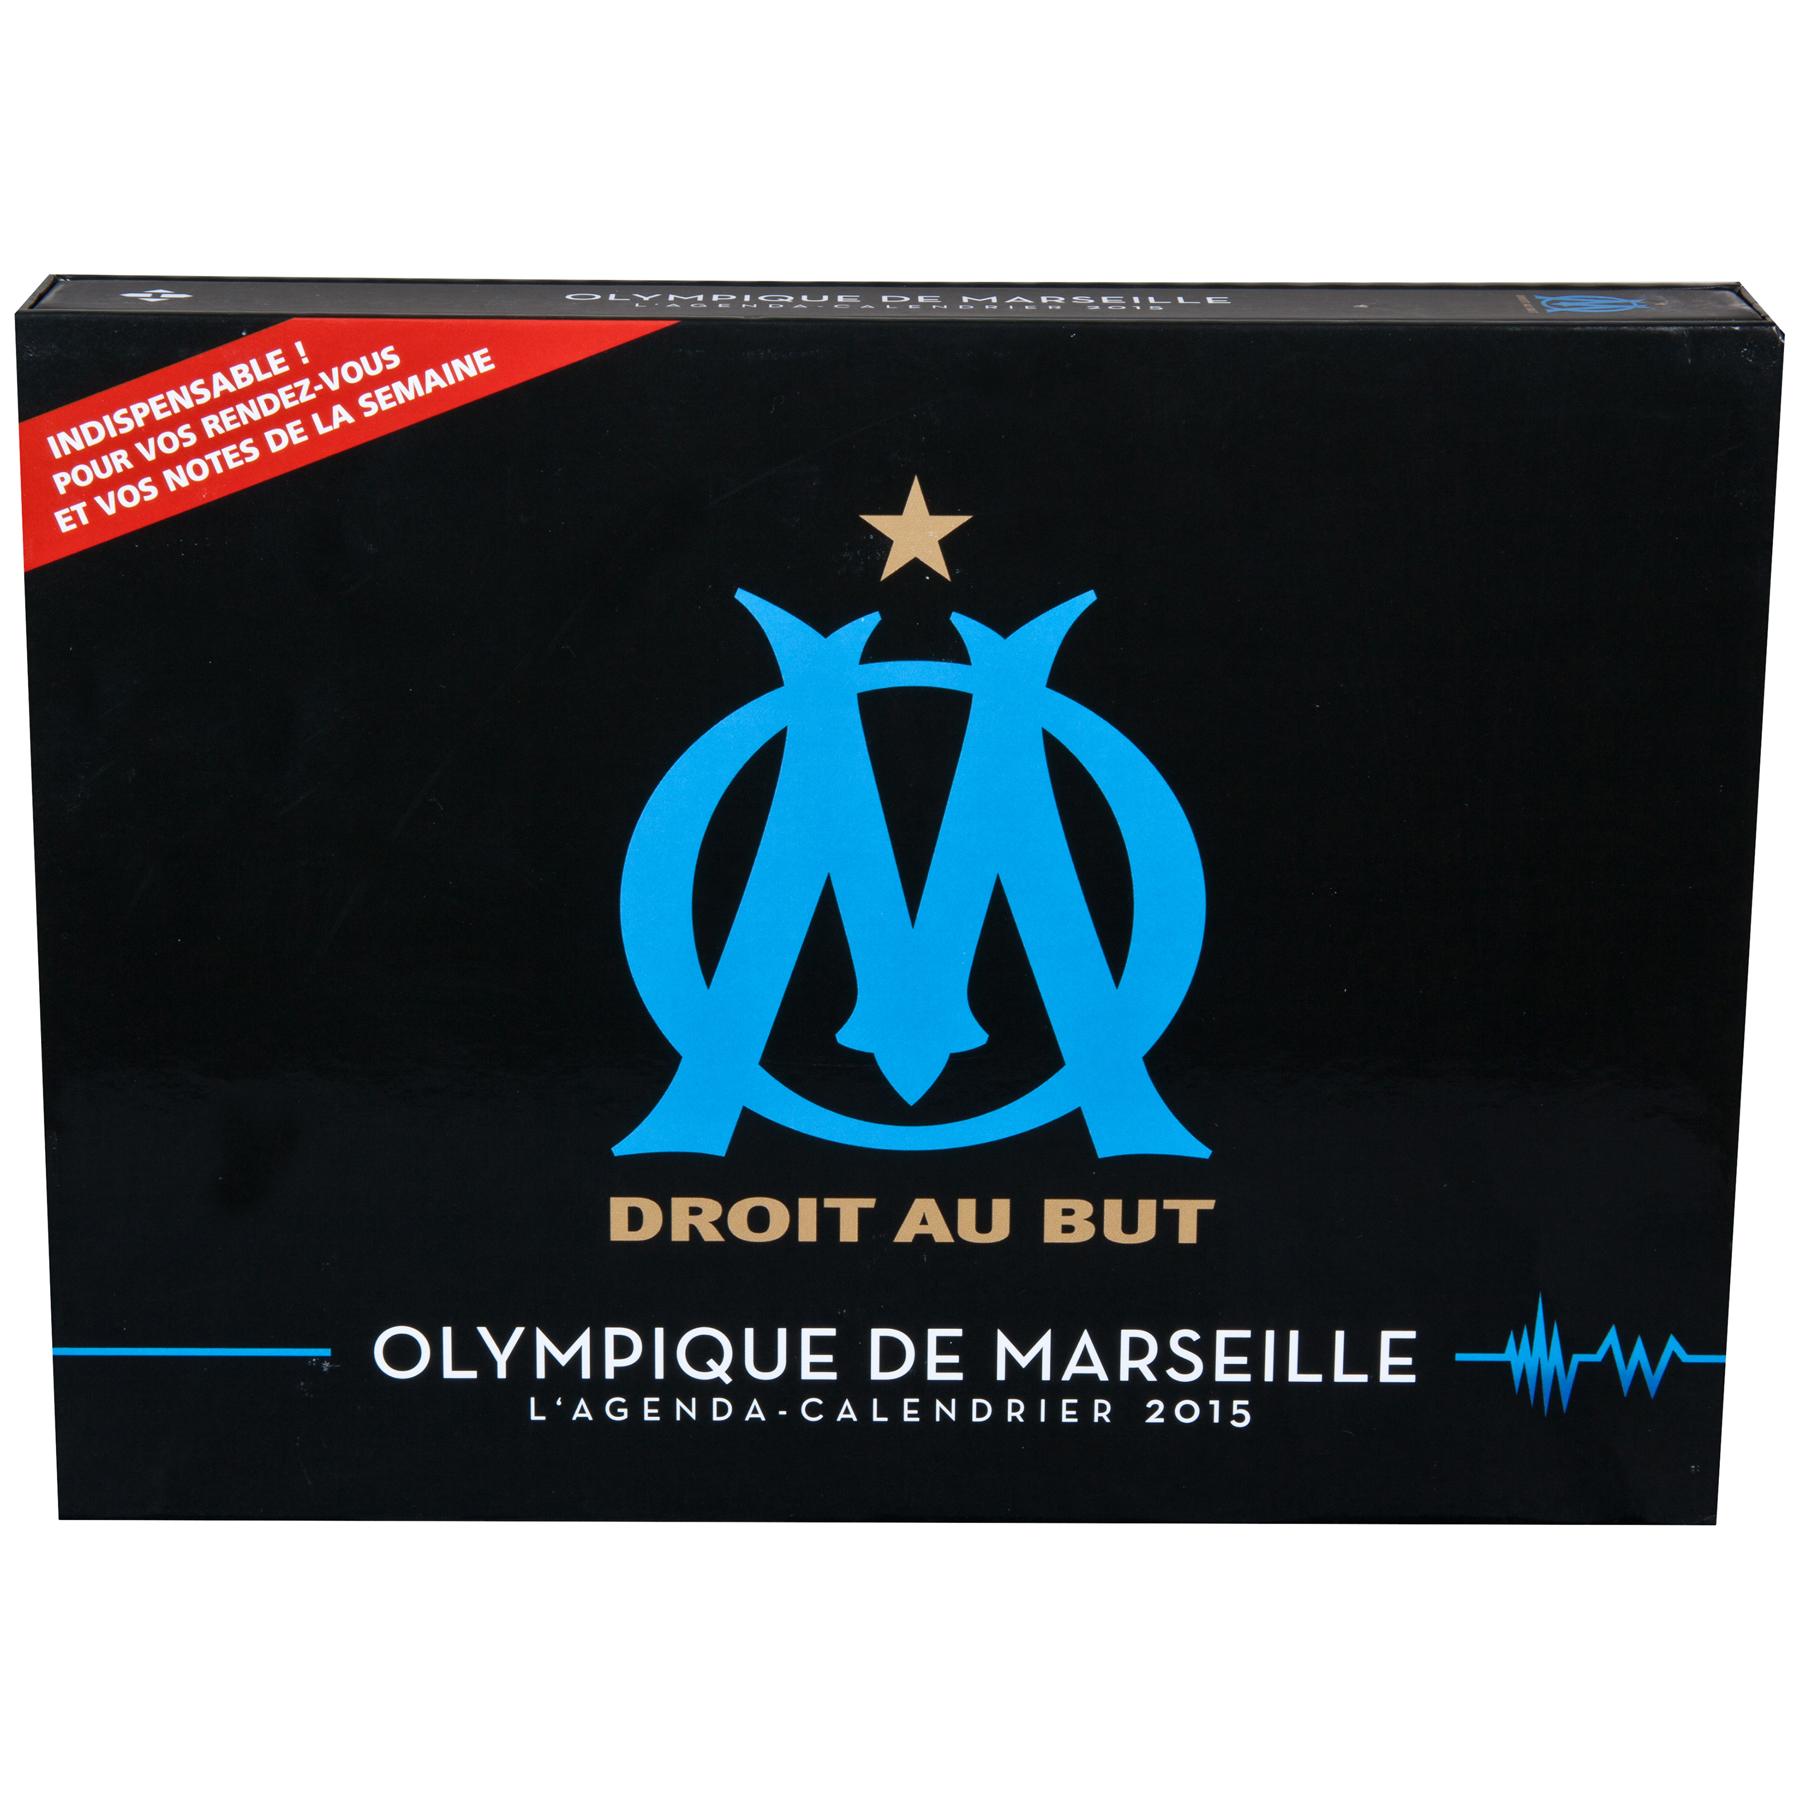 Olympique de Marseille Agenda Calendar 2015